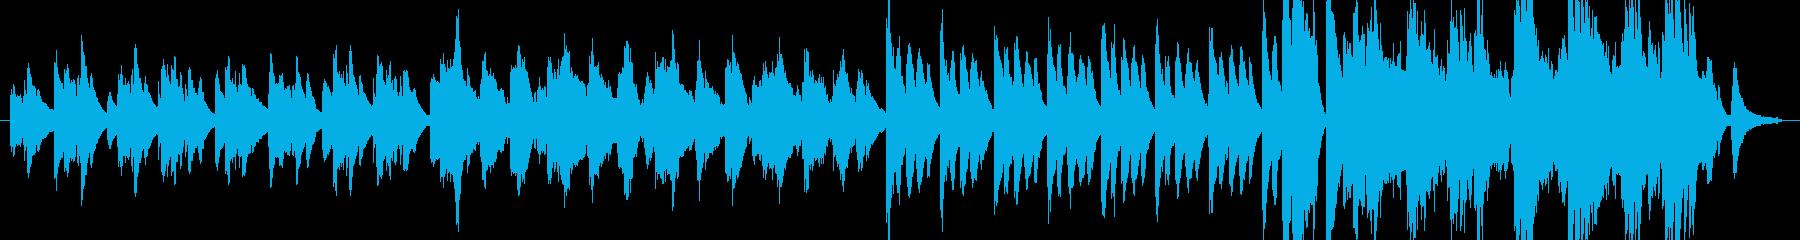 切ないメロディのピアノ曲の再生済みの波形